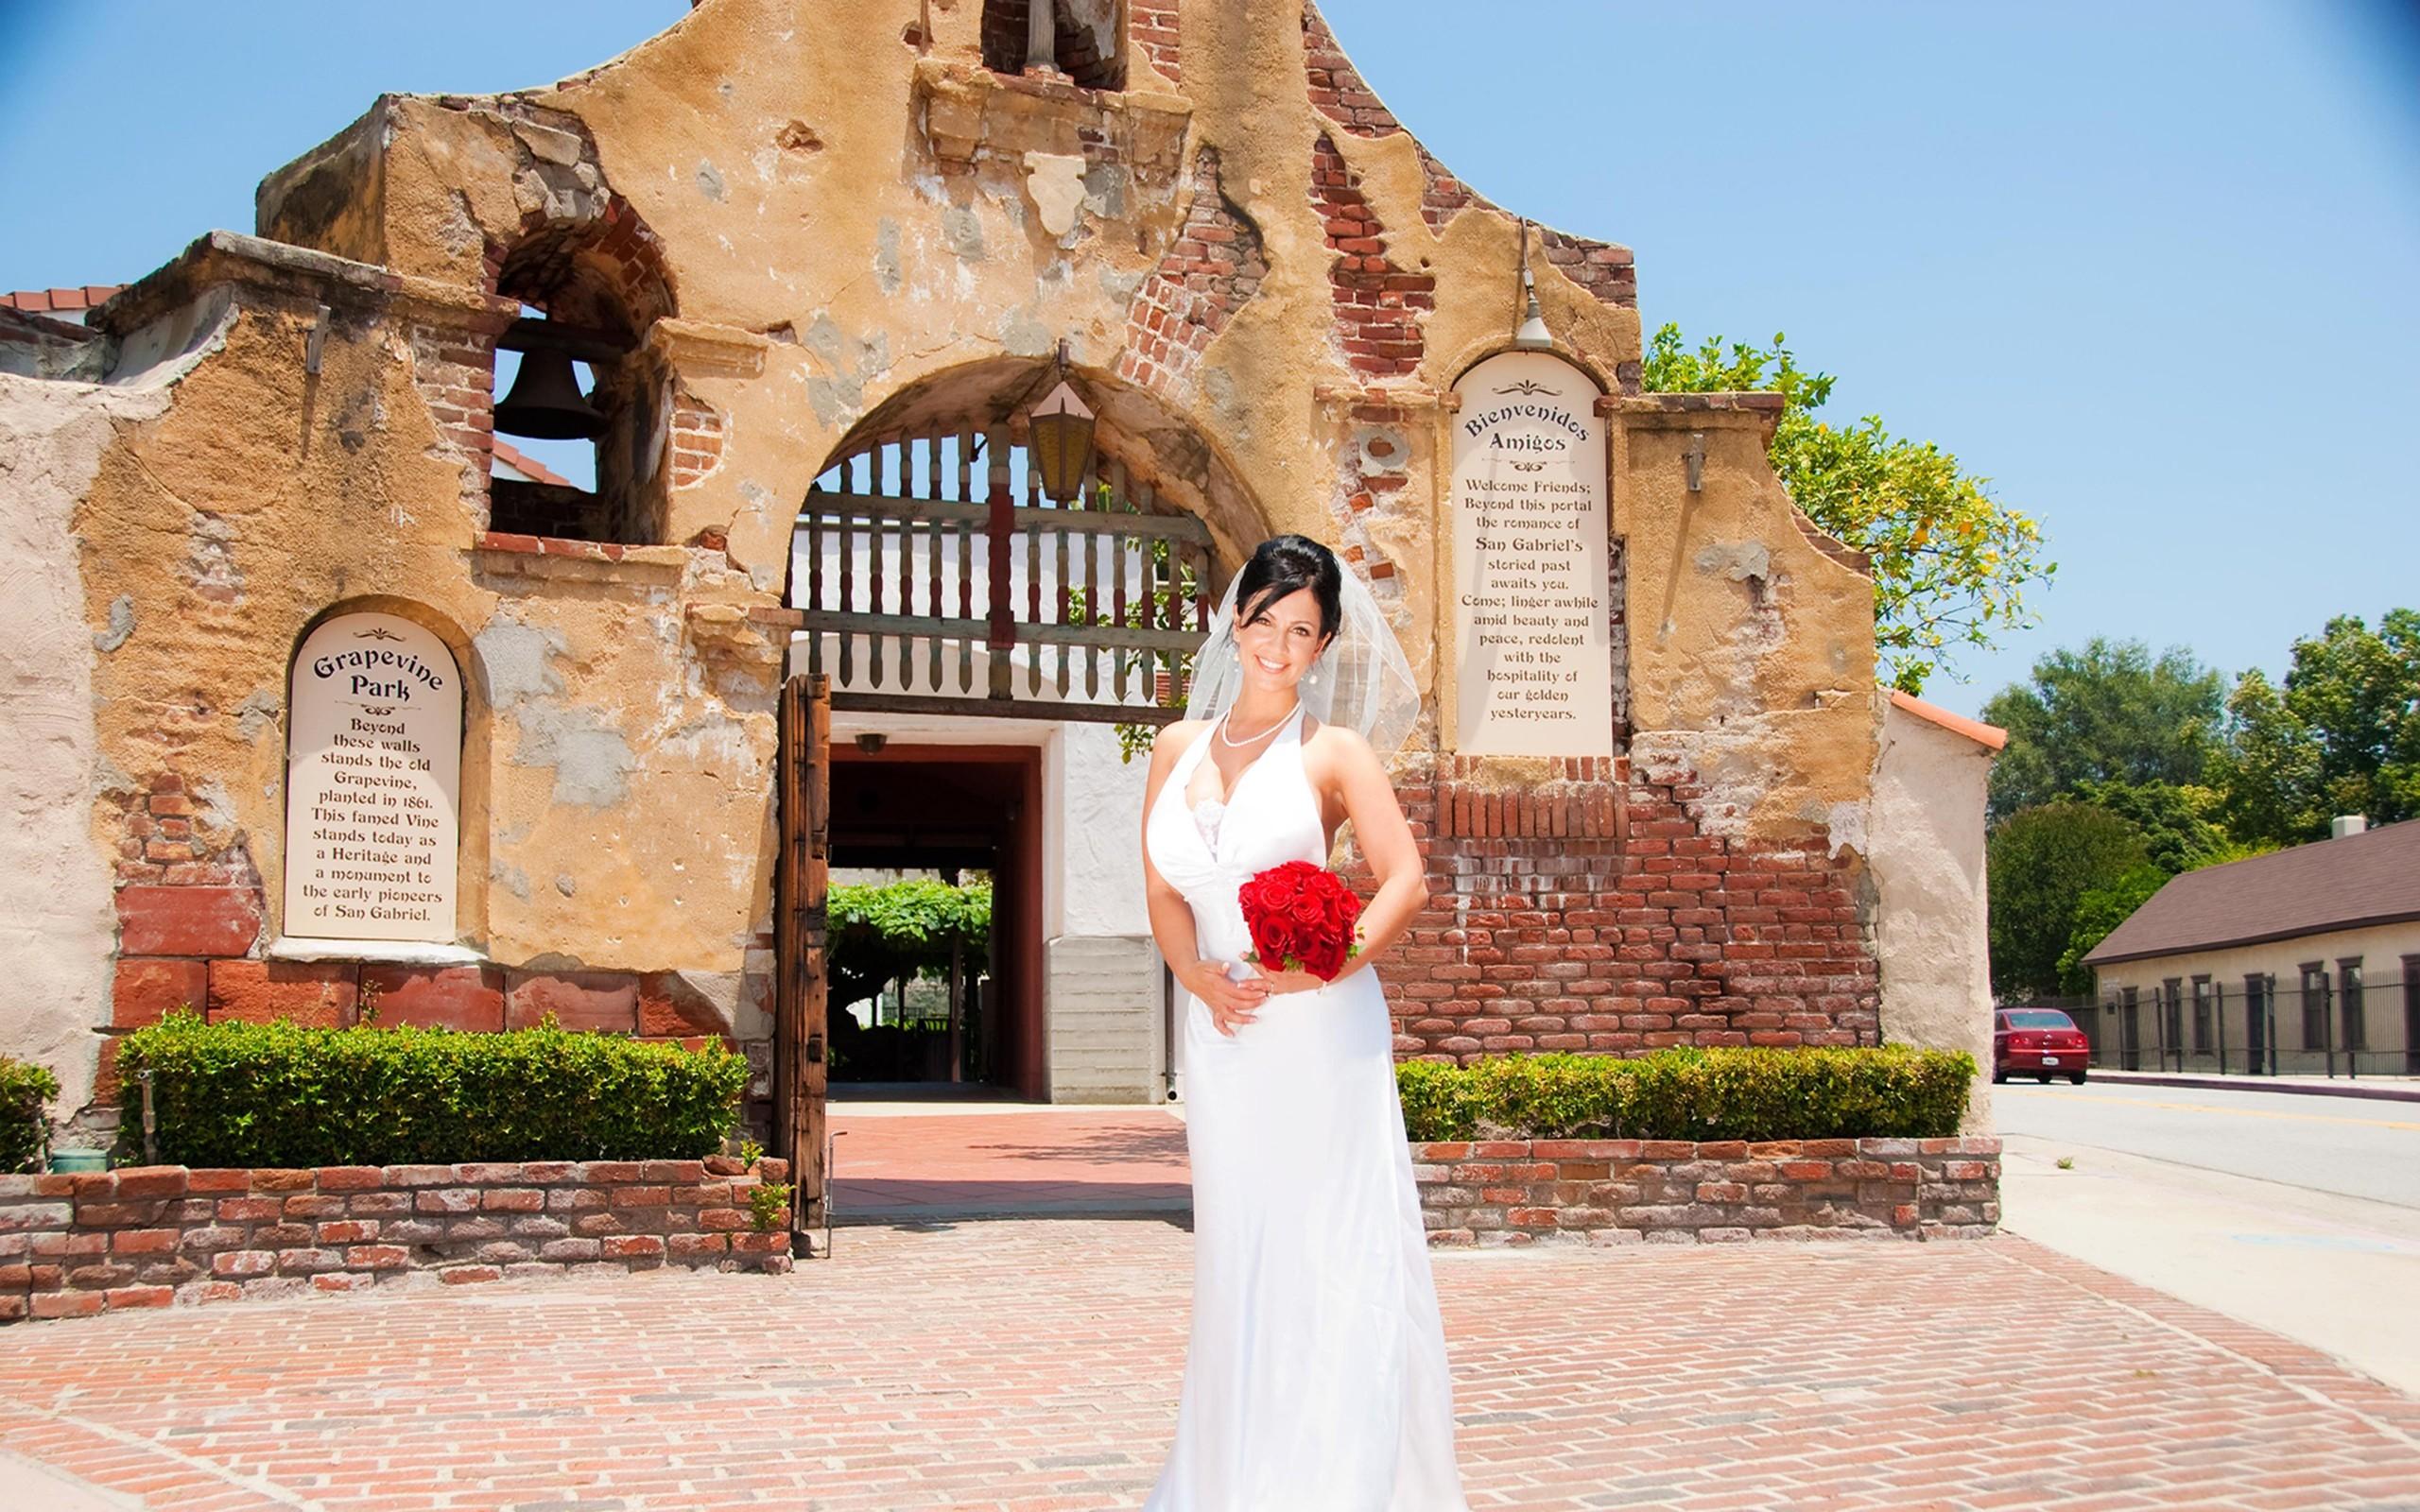 Vestidos de novias para chicas - 2560x1600